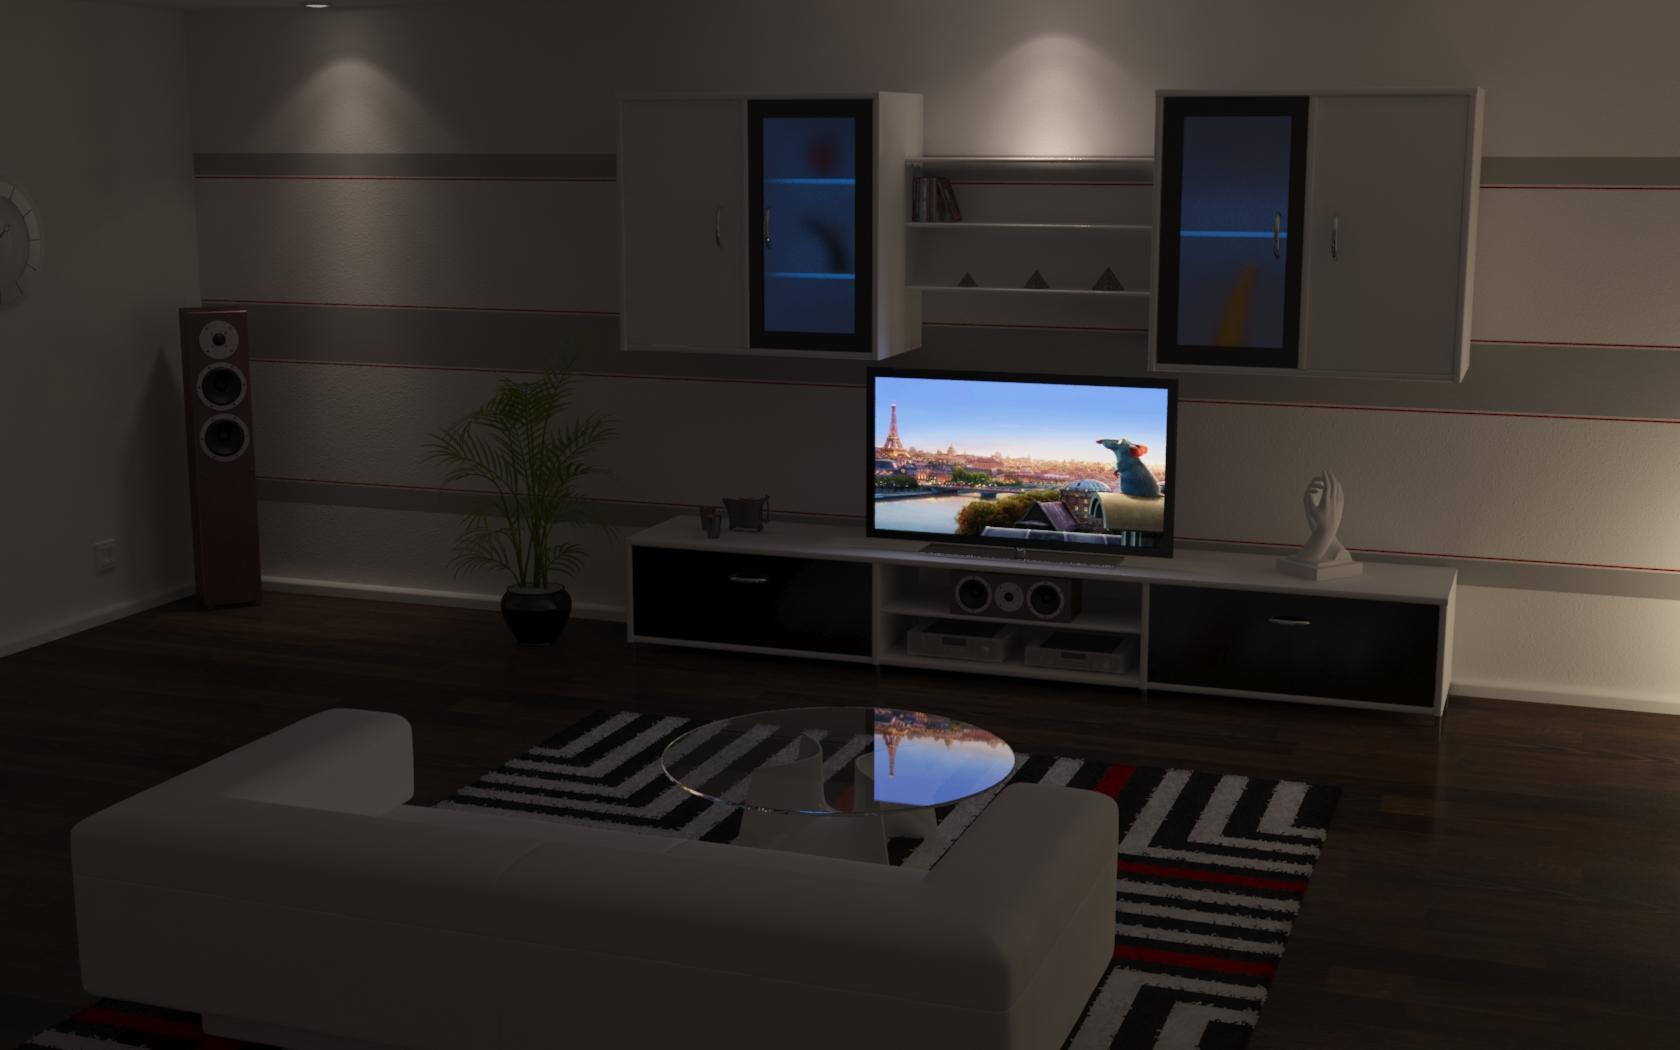 Living Room At Night By Maxter83 On DeviantArt